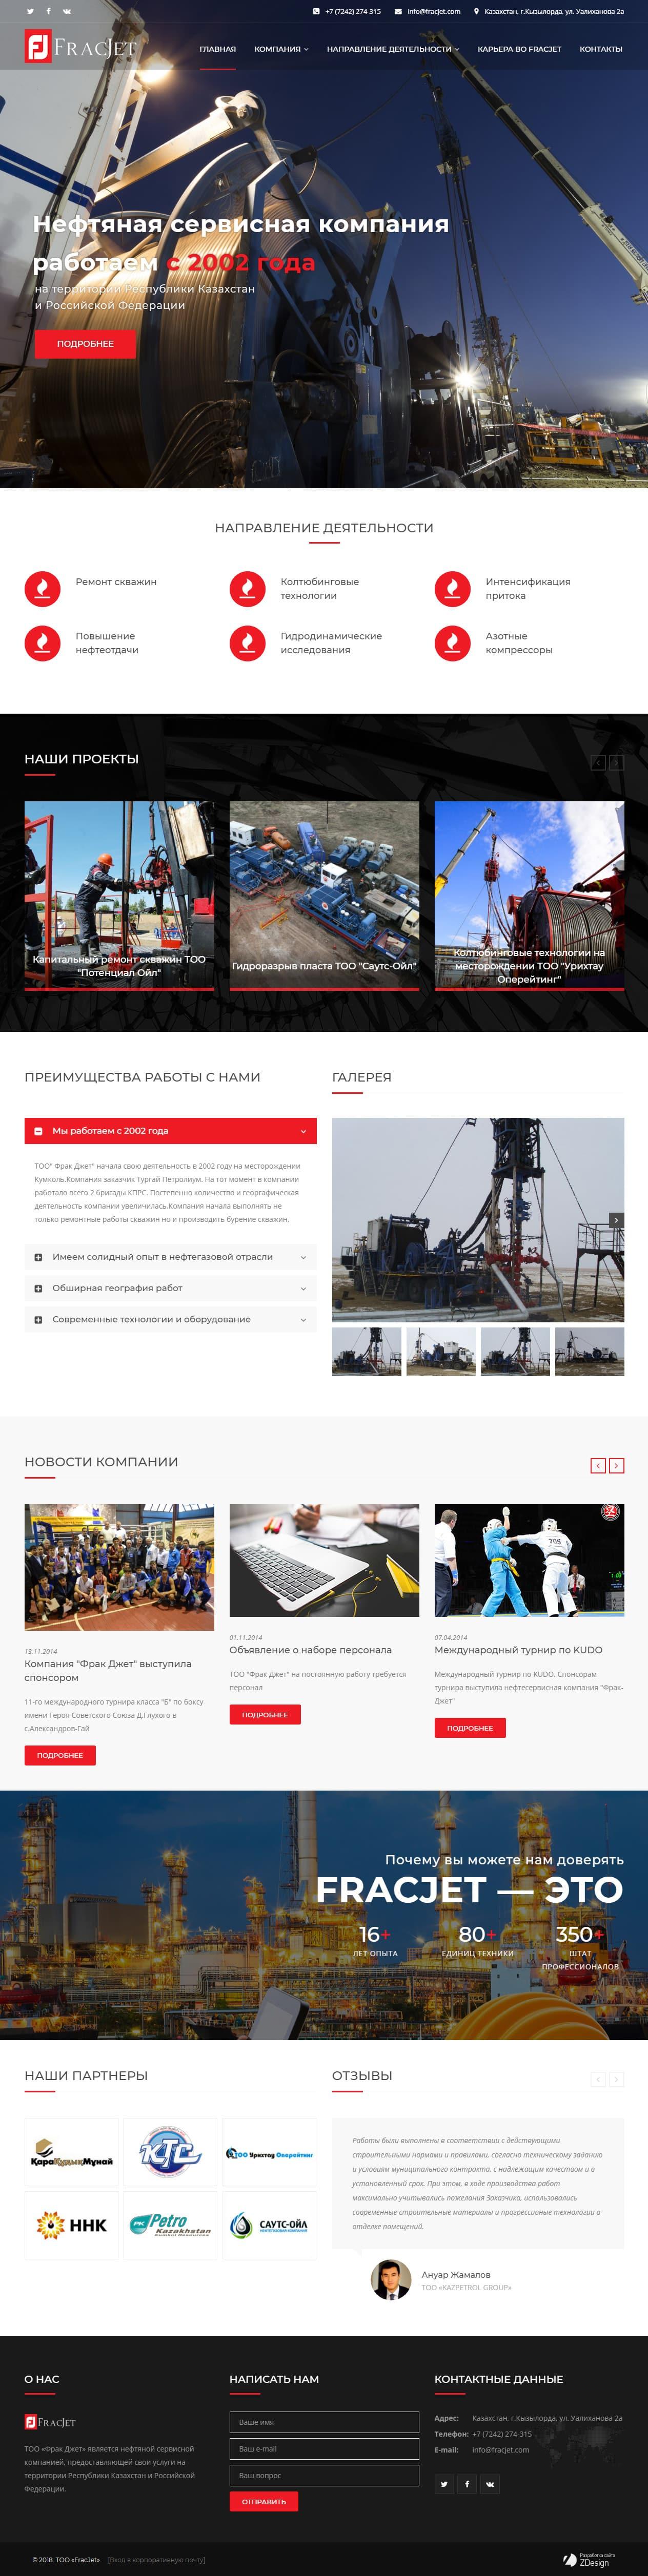 Создание бизнес-сайта с мобильной адаптацией для нефтеной компании